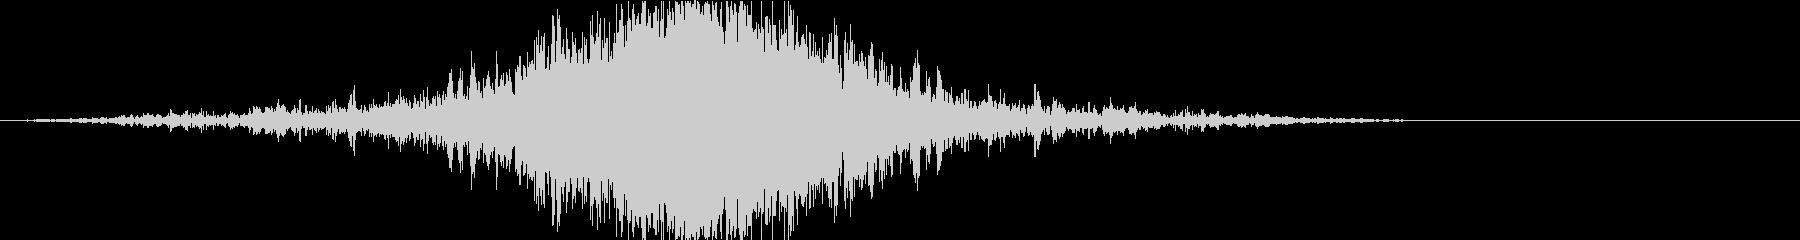 ドラマティックなリバース音38-02の未再生の波形